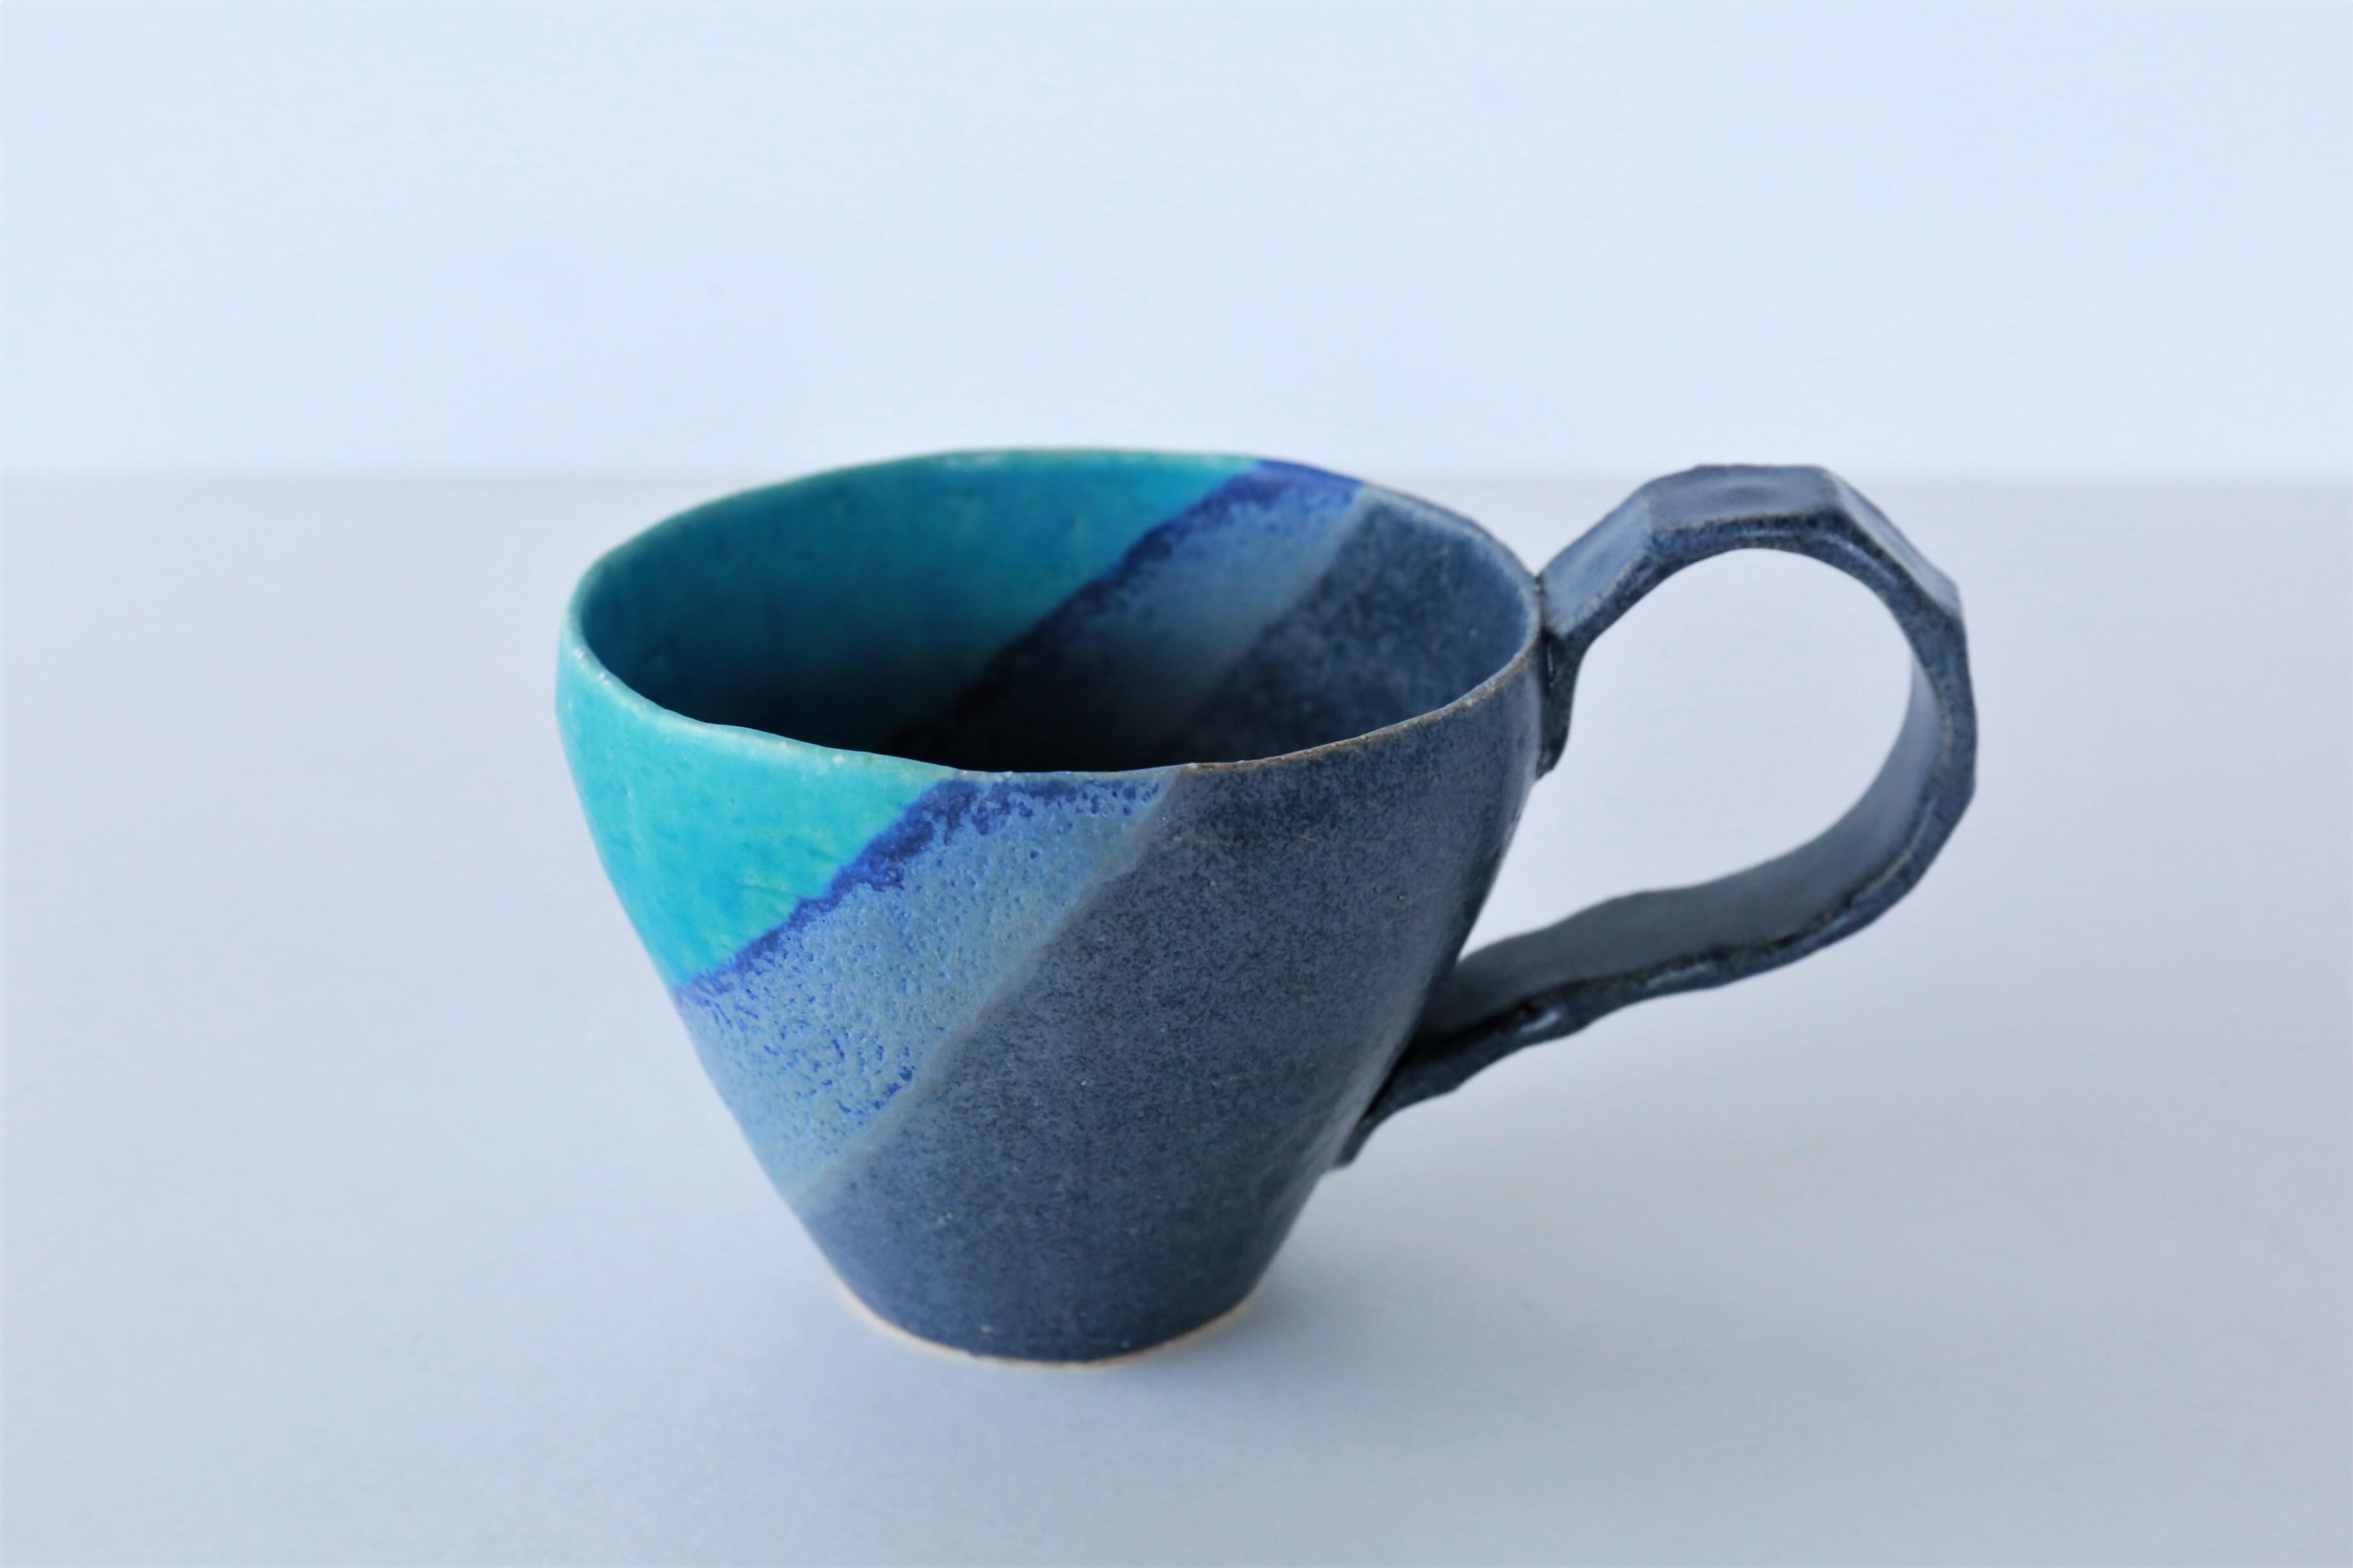 wakako ceramics/坂本和歌子 うみいろマグカップ